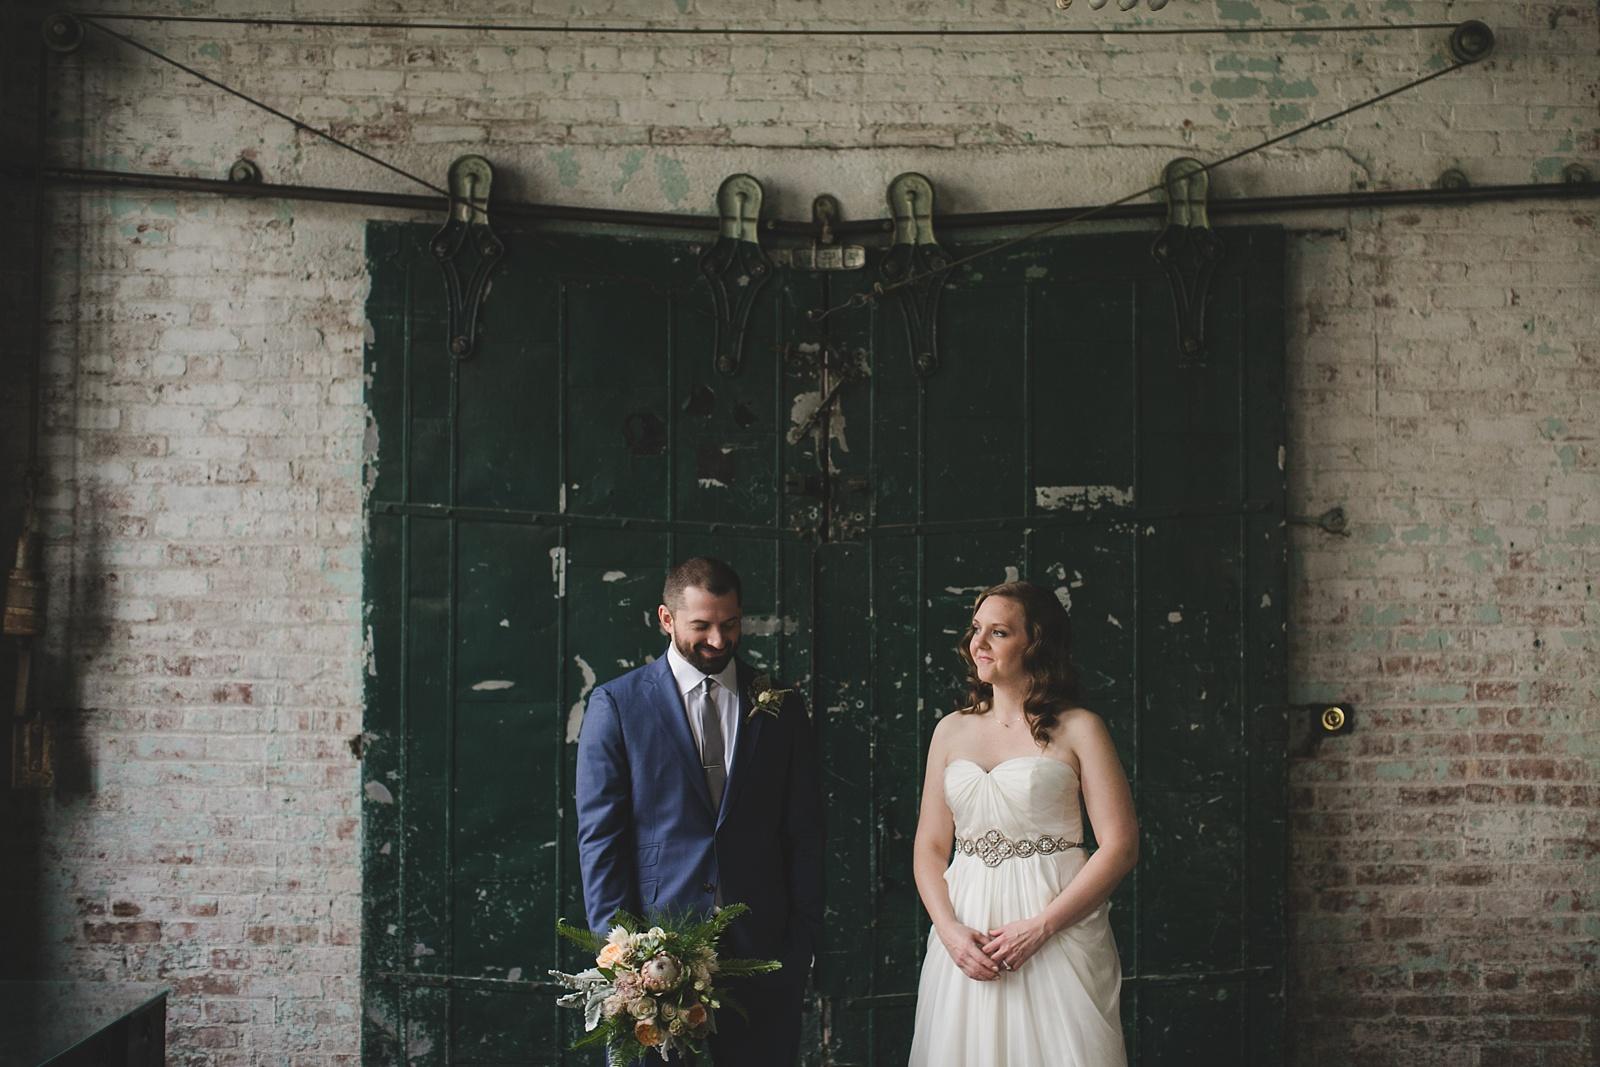 Metropolitan-Building_wedding-001